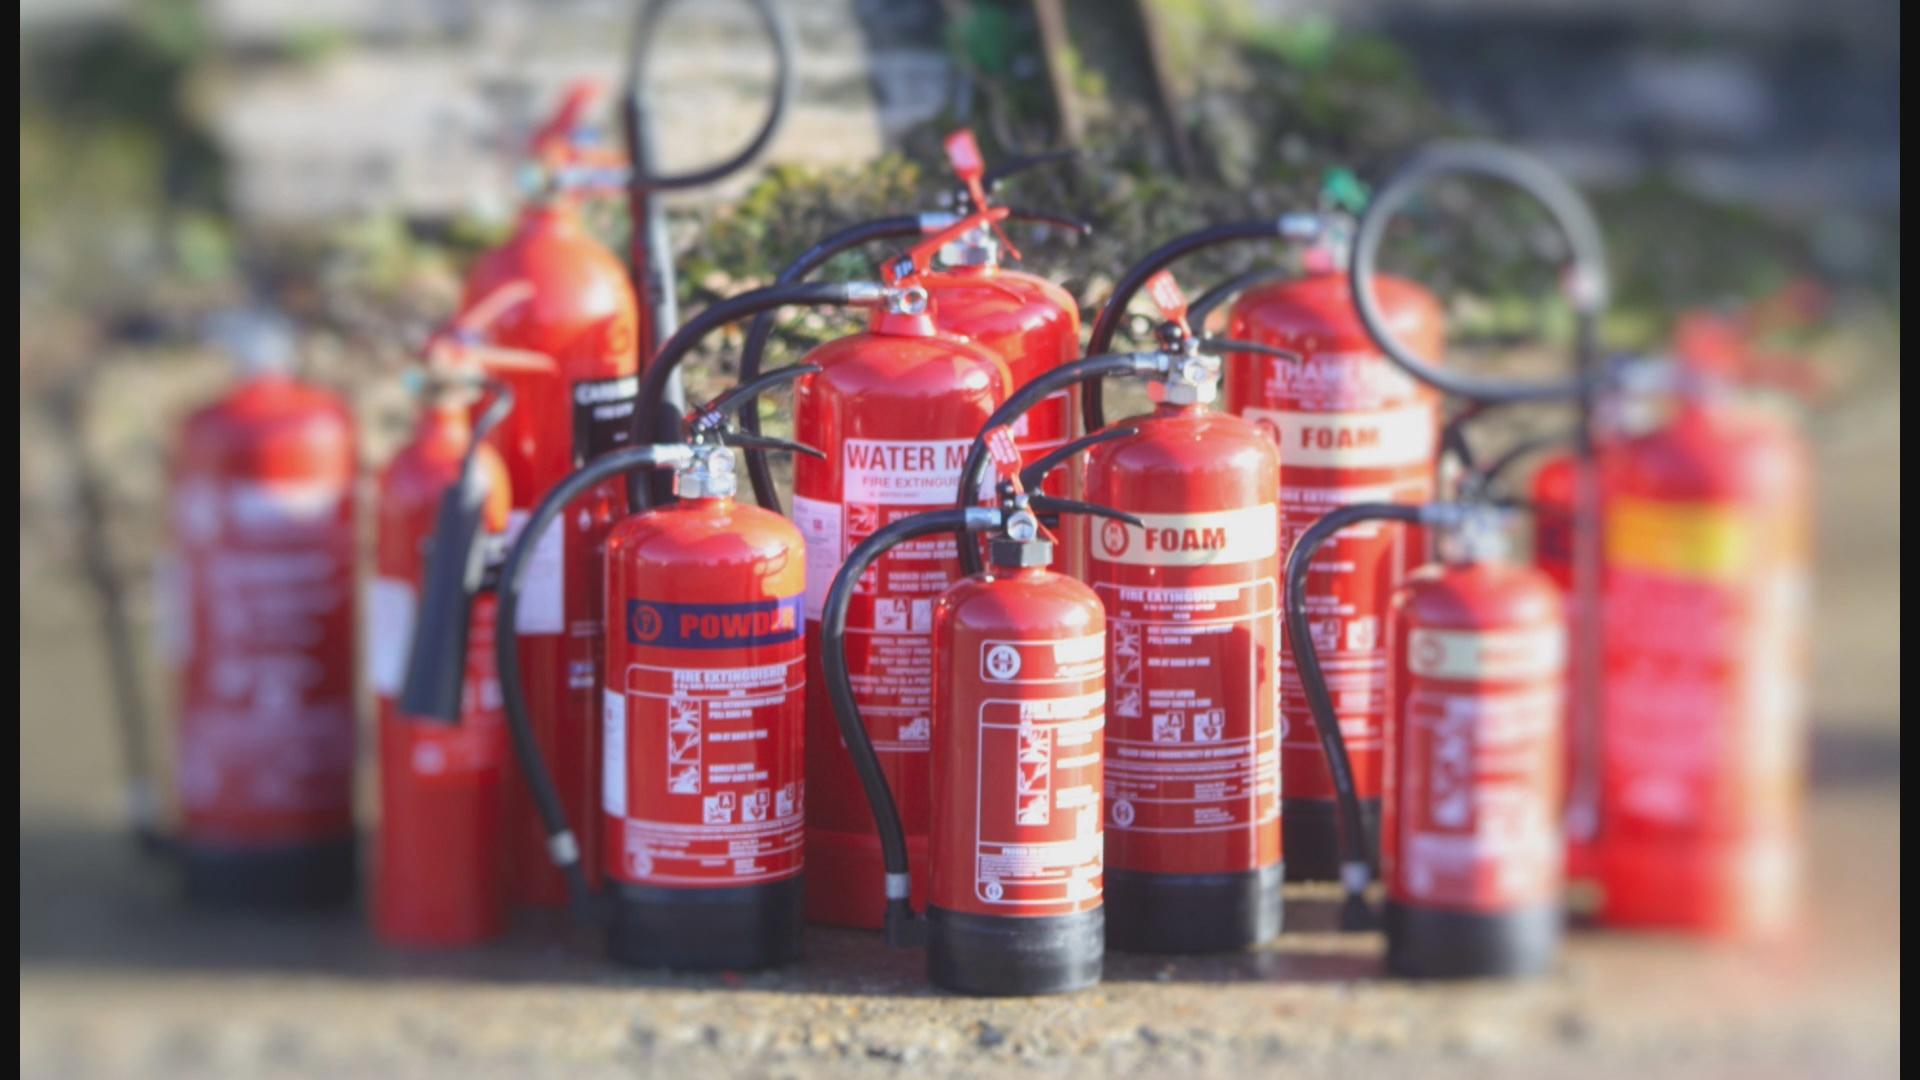 extinguisher training London options